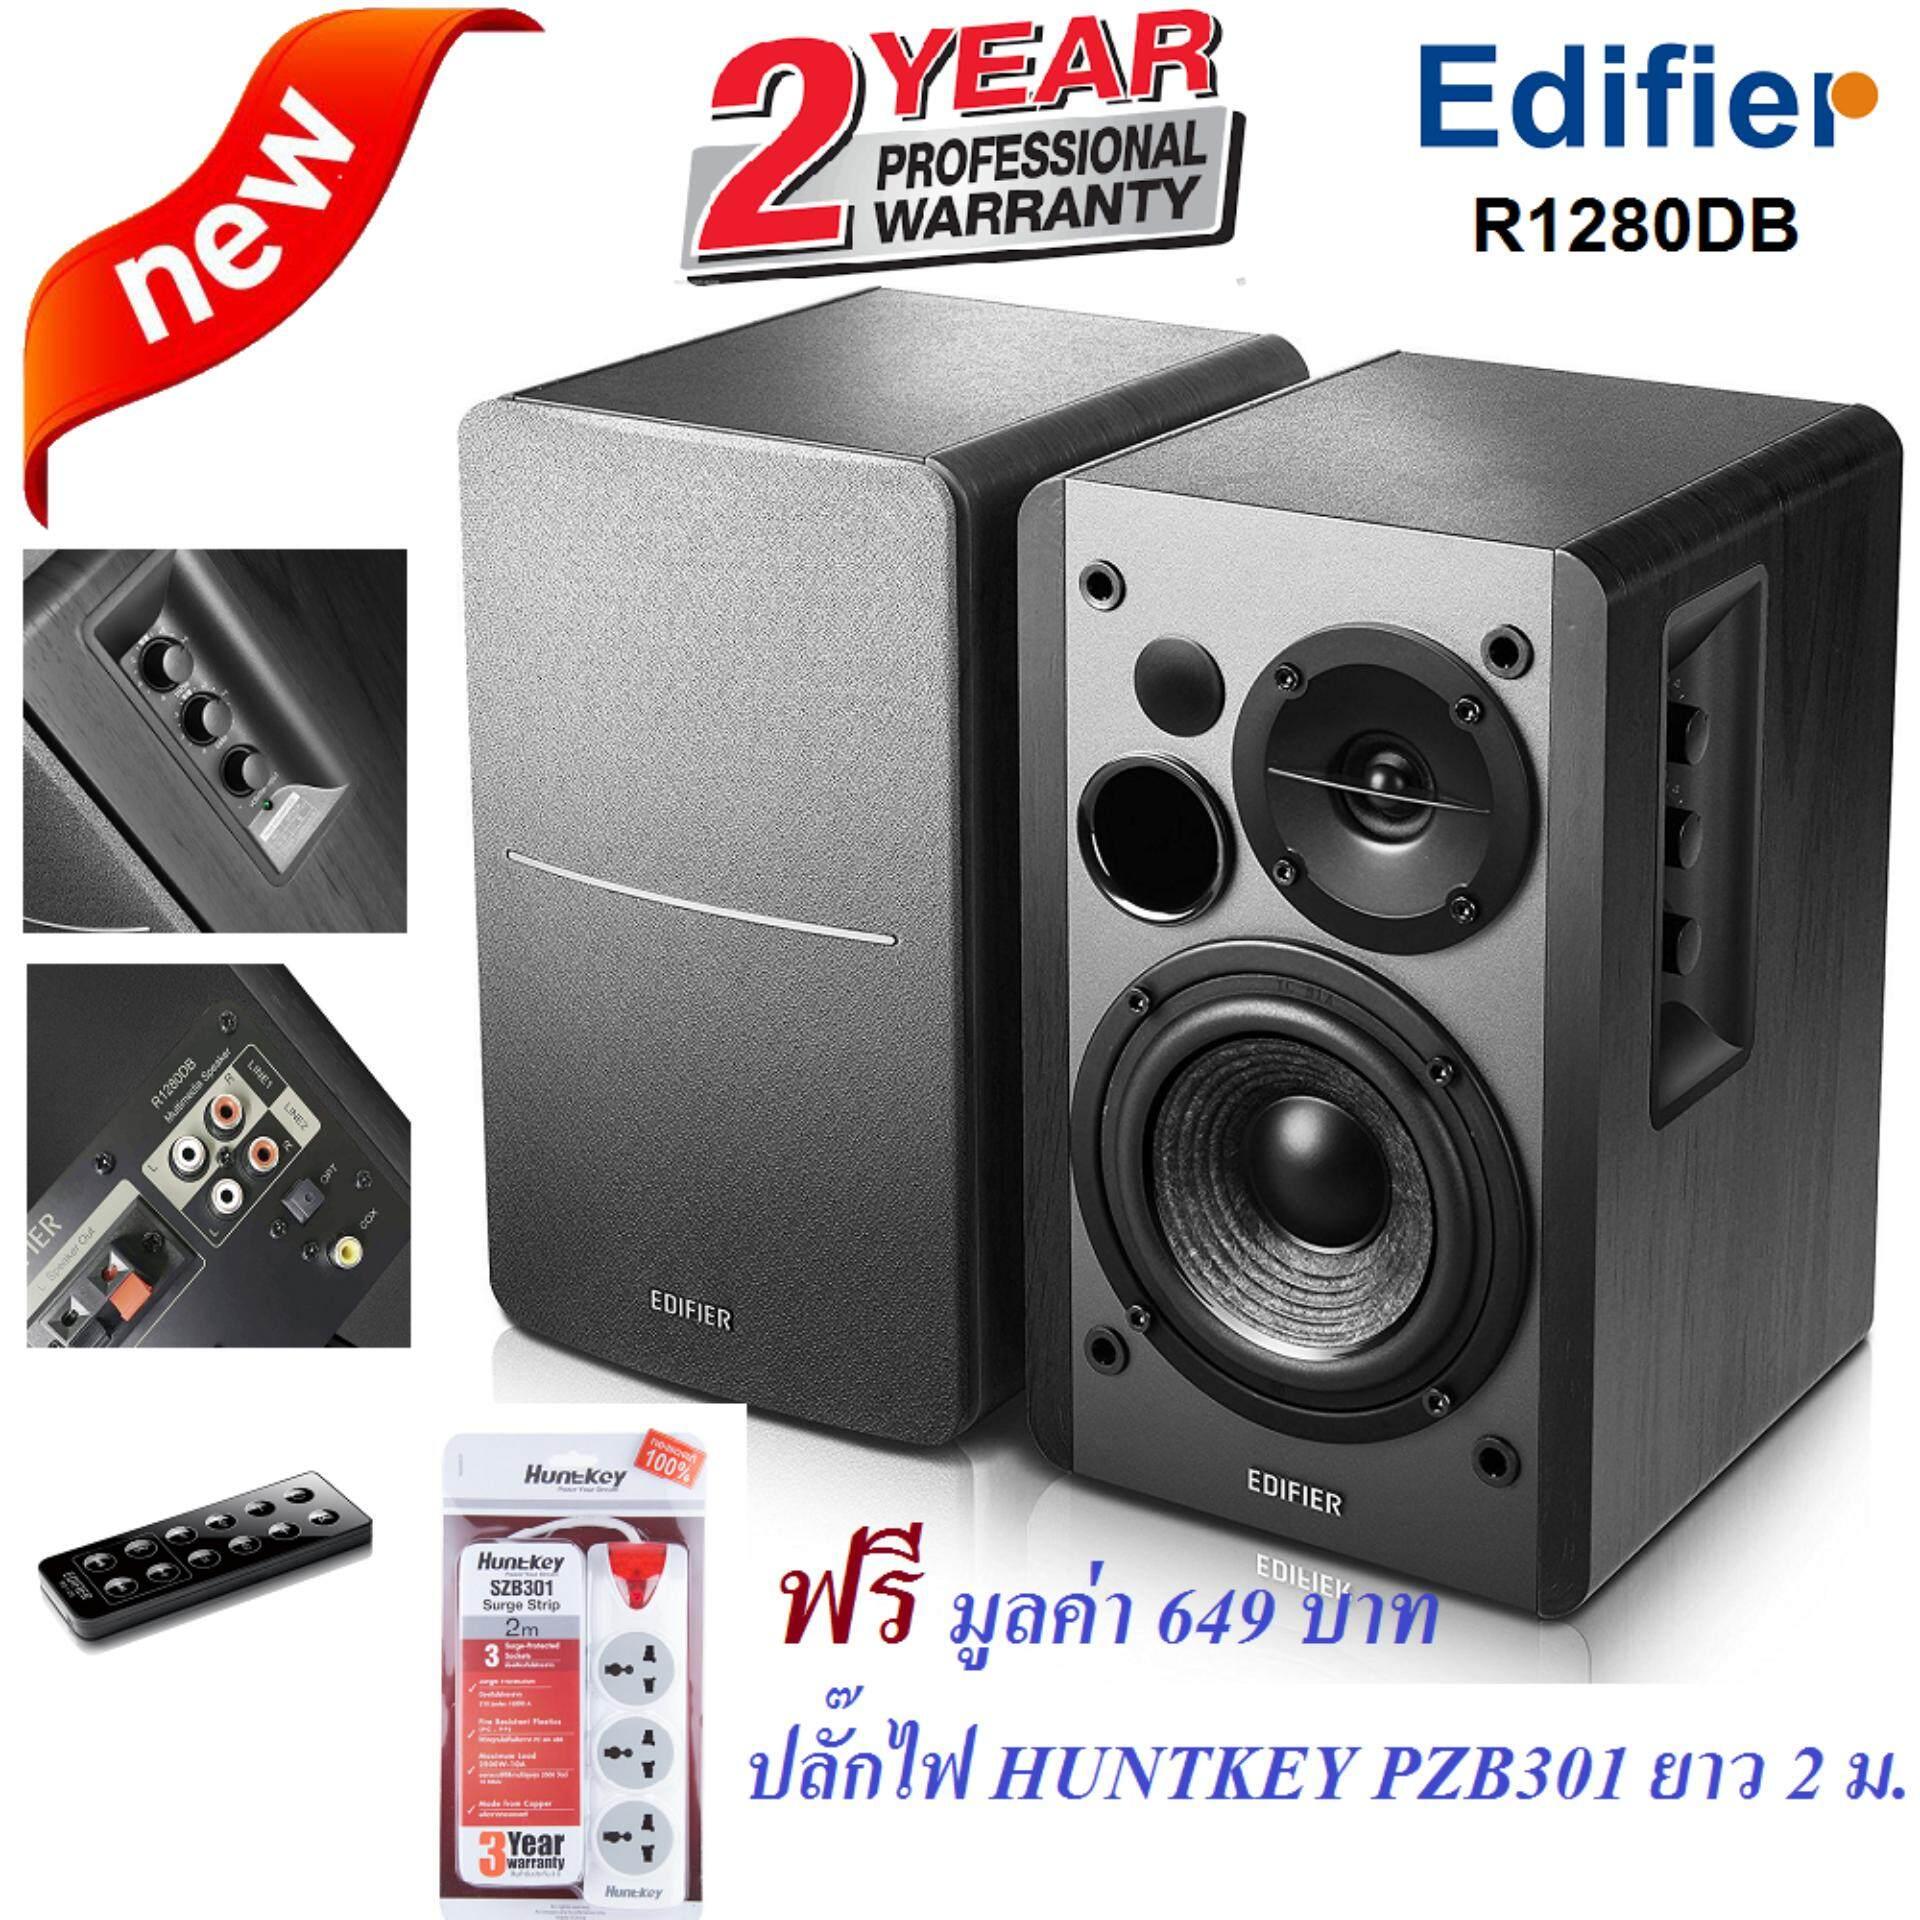 การใช้งาน  ประจวบคีรีขันธ์ Edifier R1280DB Powered Bluetooth Bookshelf Speakers (ฺBlack/ดำ) ลำโพงค่ายดังจาก Edifier รุ่น R1280DB กำลังขับ 42W RMS ข้างละ 21W RMS เชื่อมต่อได้หลากหลาย รับประกันศูนย์ 2 ปี แถมฟรี ปลั๊กไฟ Huntkey PZB 301 ยาว 2 ม. มูลค่า 649 บาท